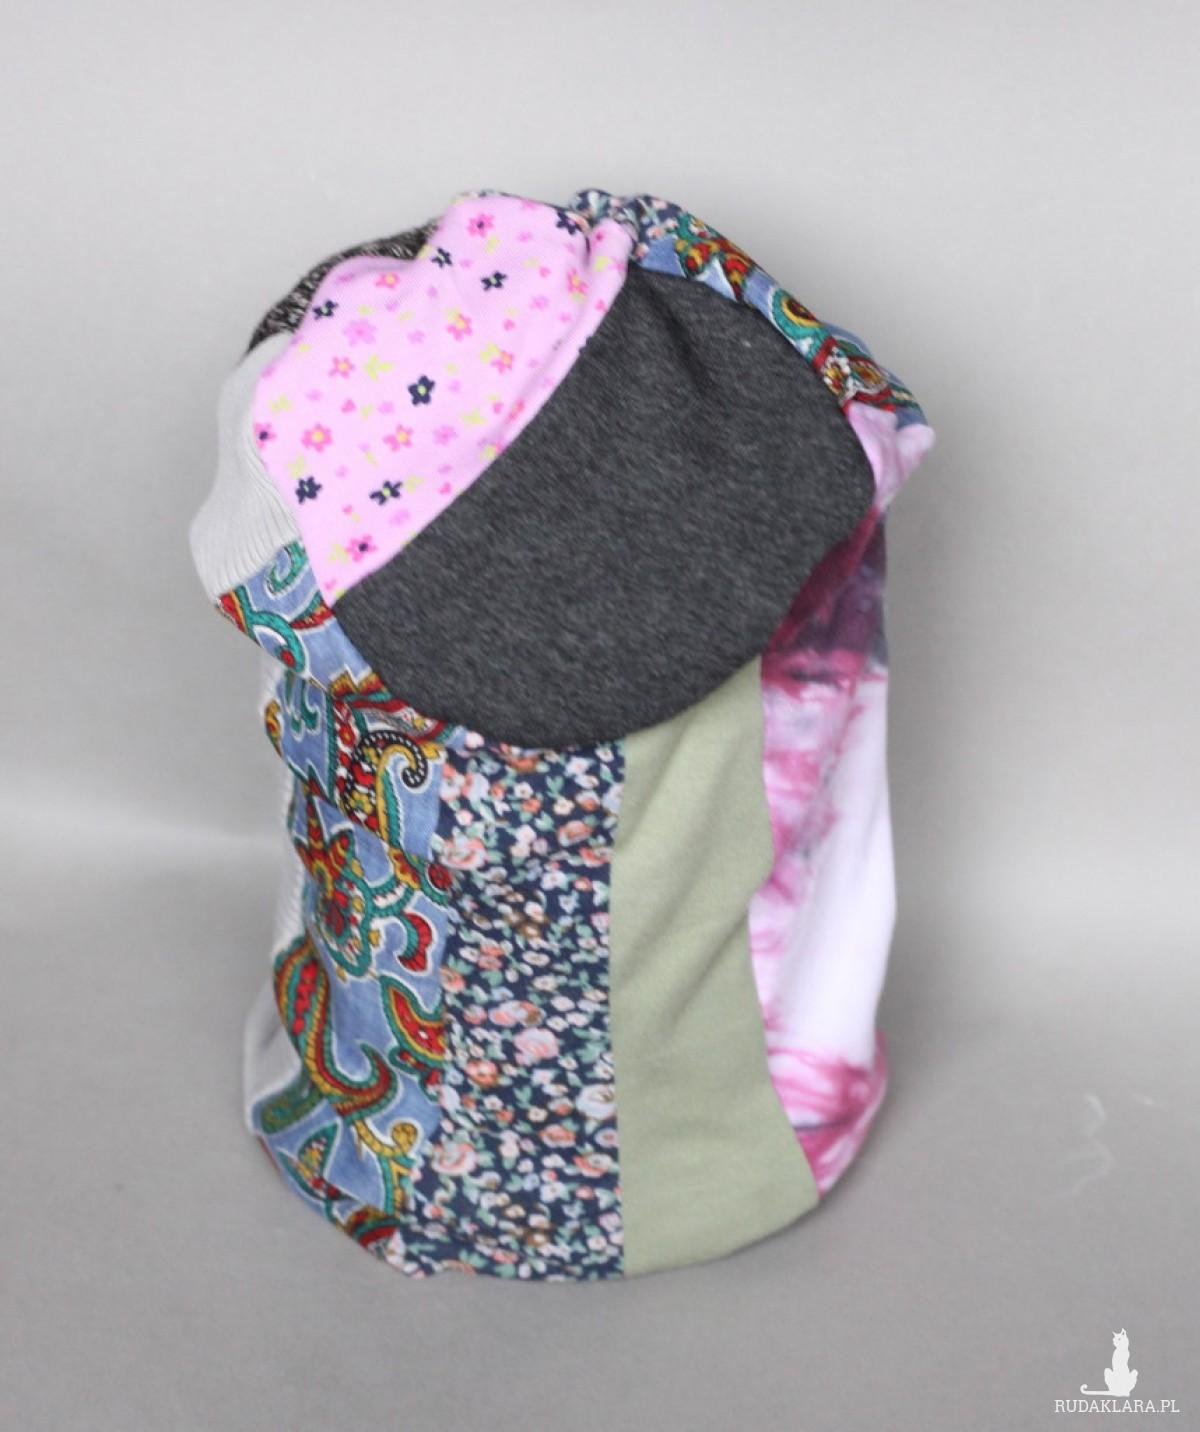 czapka handmade wąs w jajku na miękko umoczony, wzrok rozmarzony A1